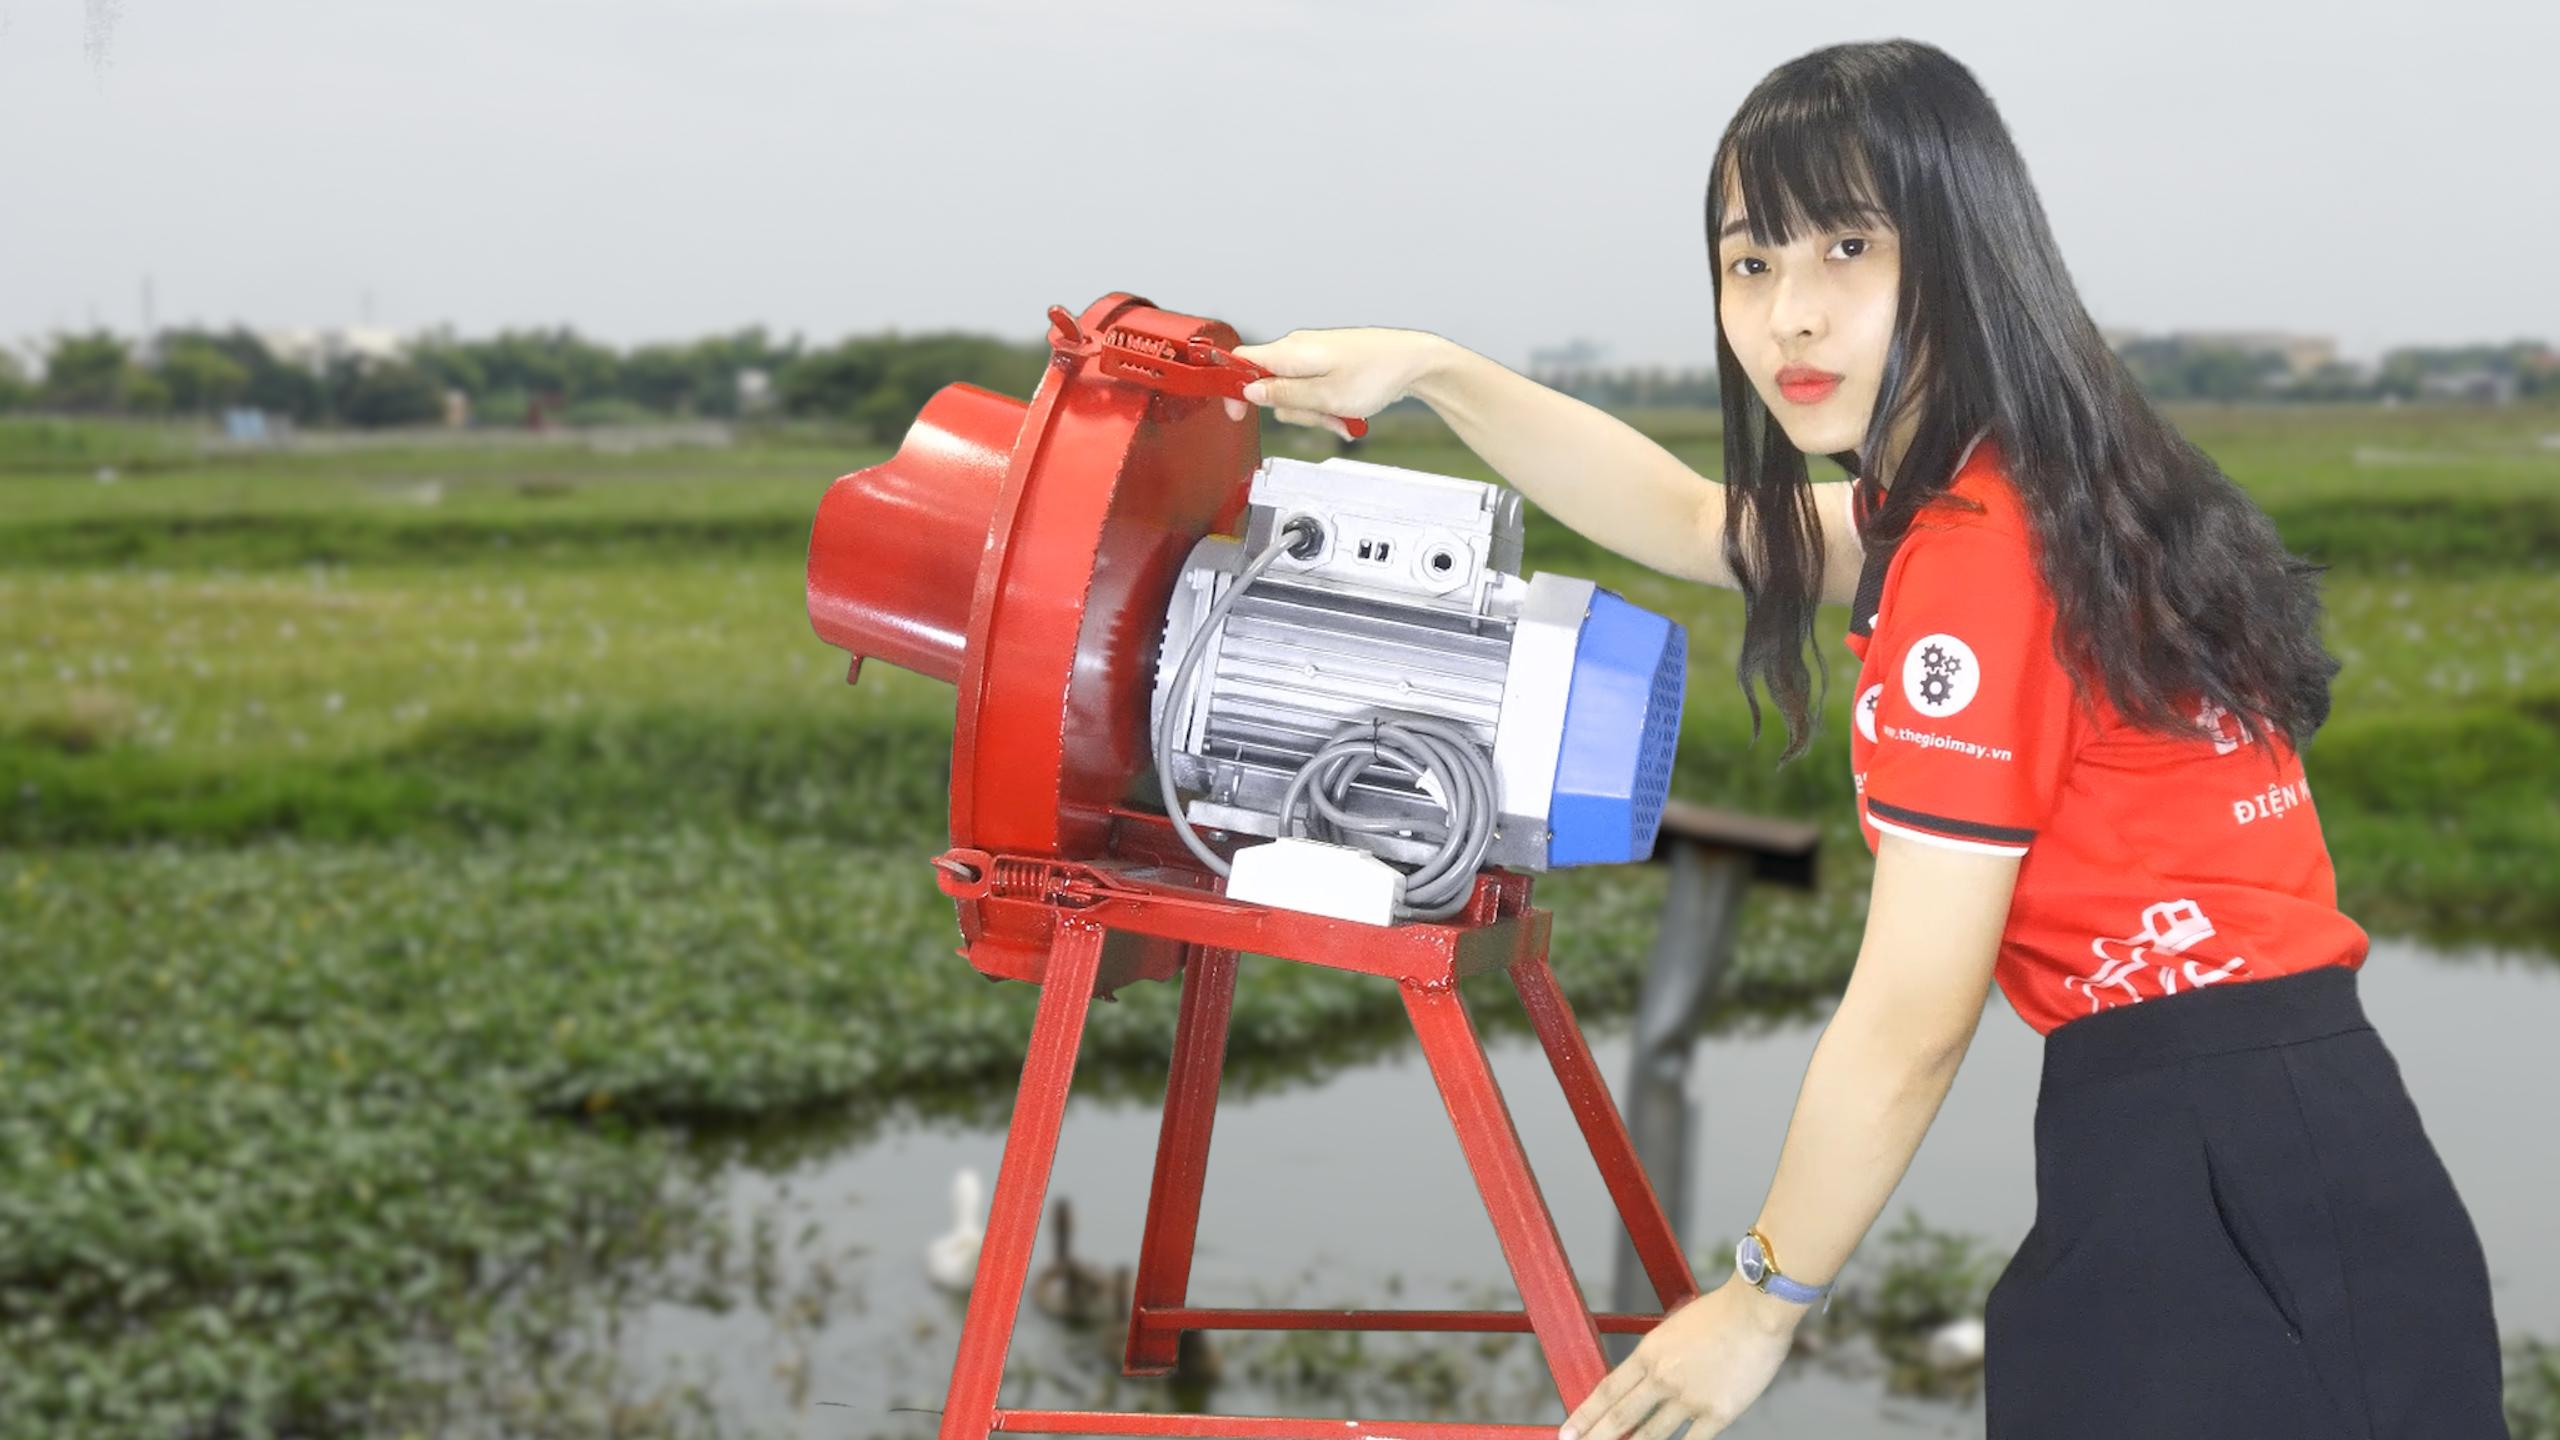 Máy thái chuối mini, giá rẻ dòng TAKYO TK 1500 được nhiều bà con sử dụng nhất hiện nay